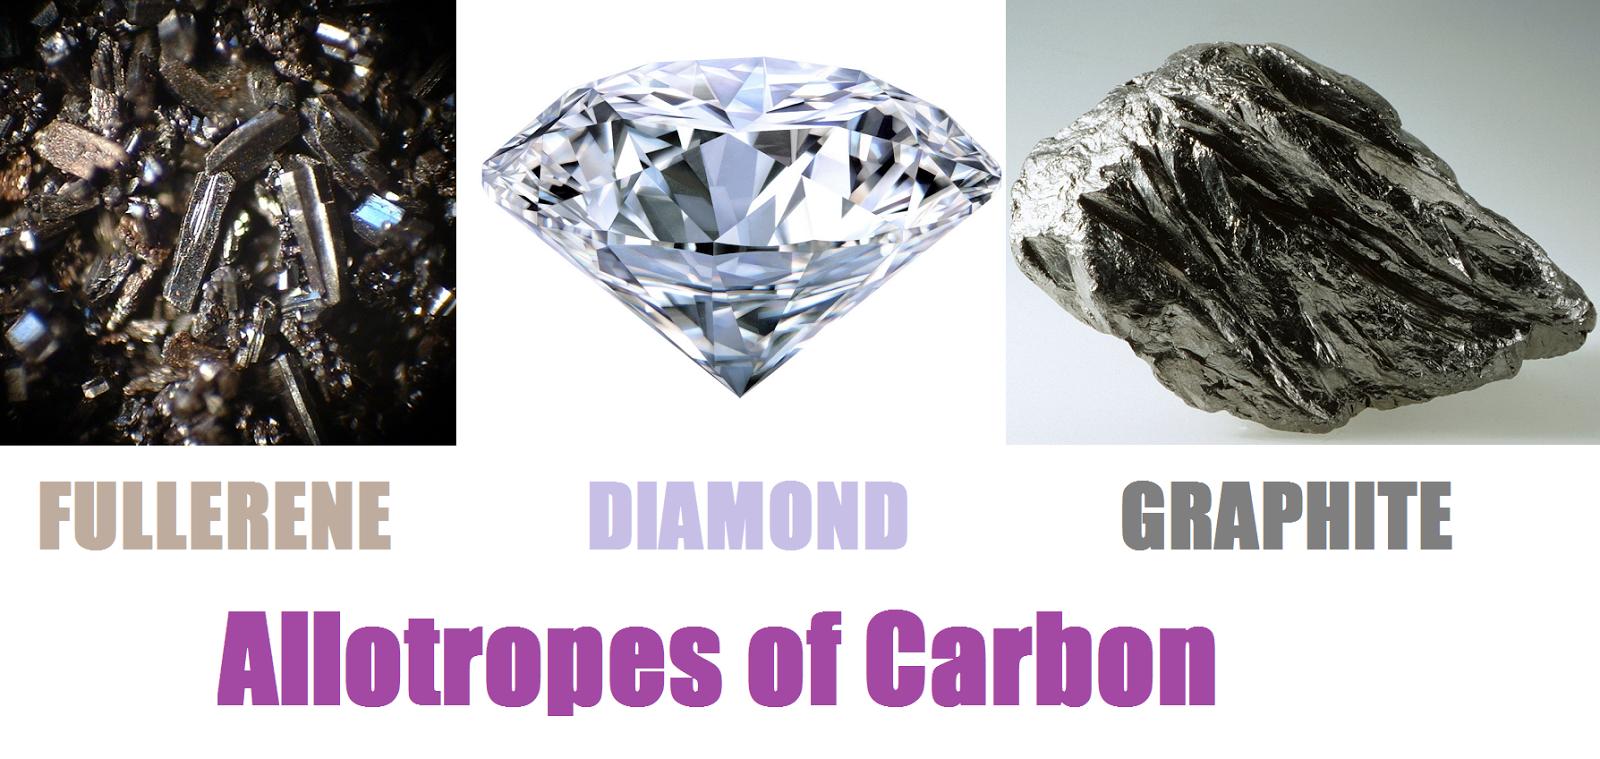 Allotropes of Carbon FullerenDiamondGraphite